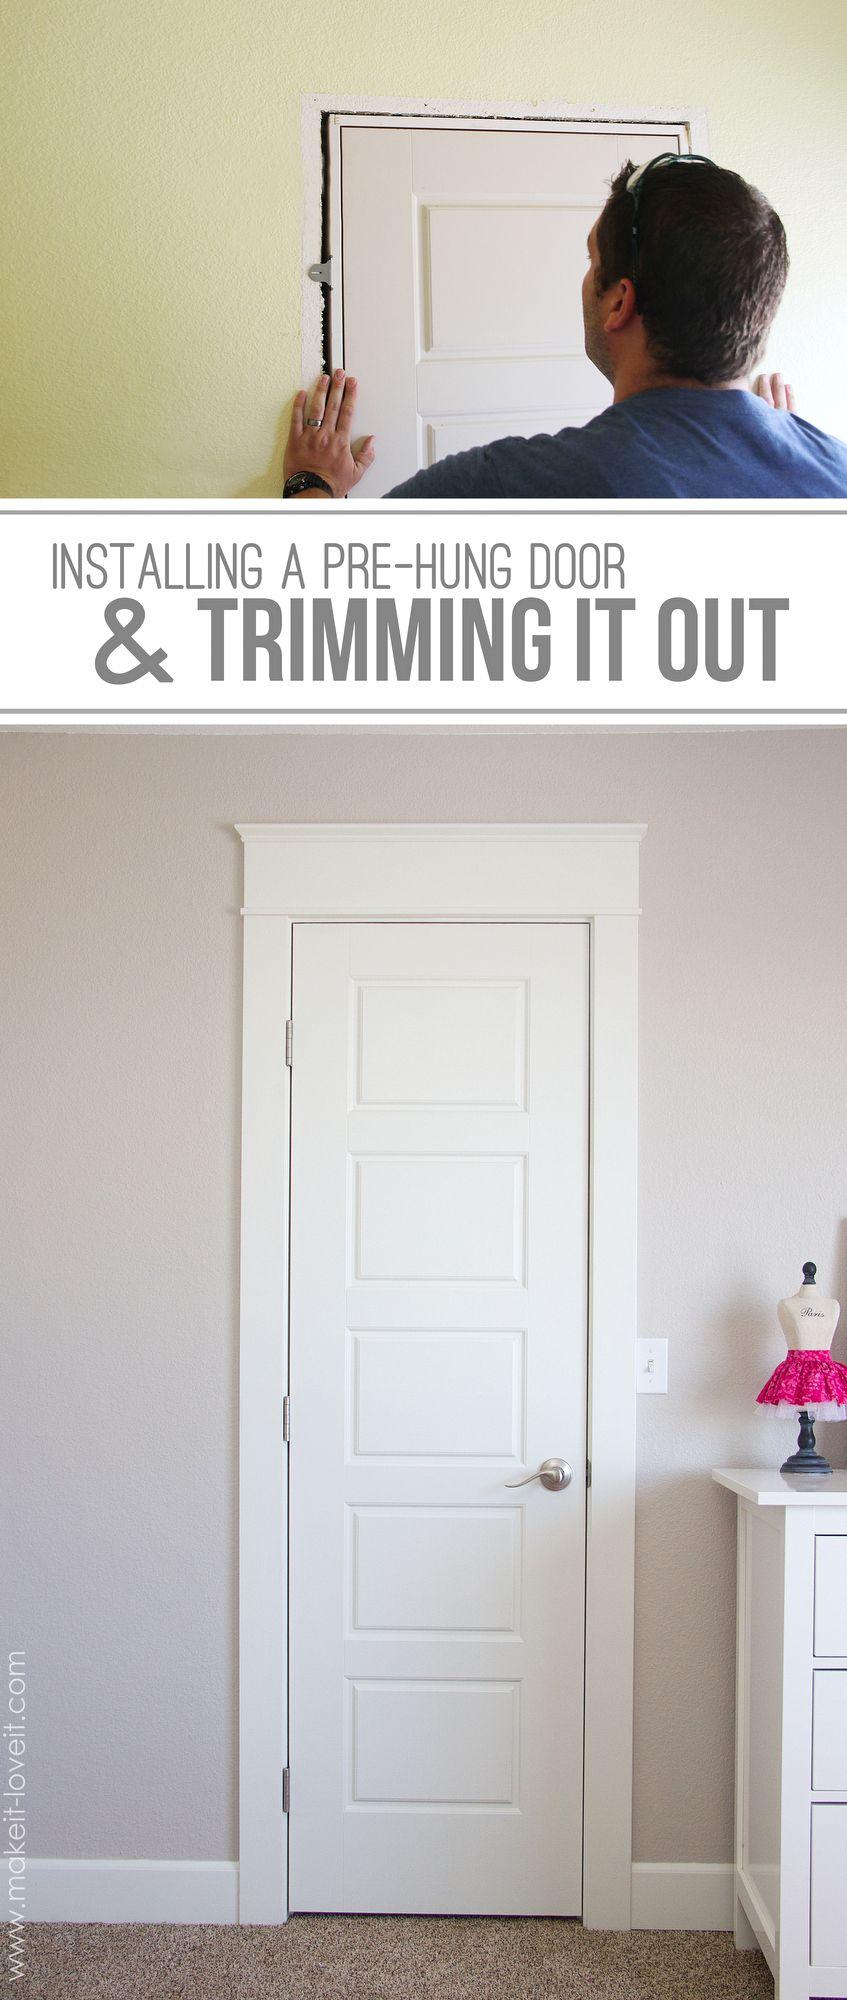 diy installing a prehung door the easy way